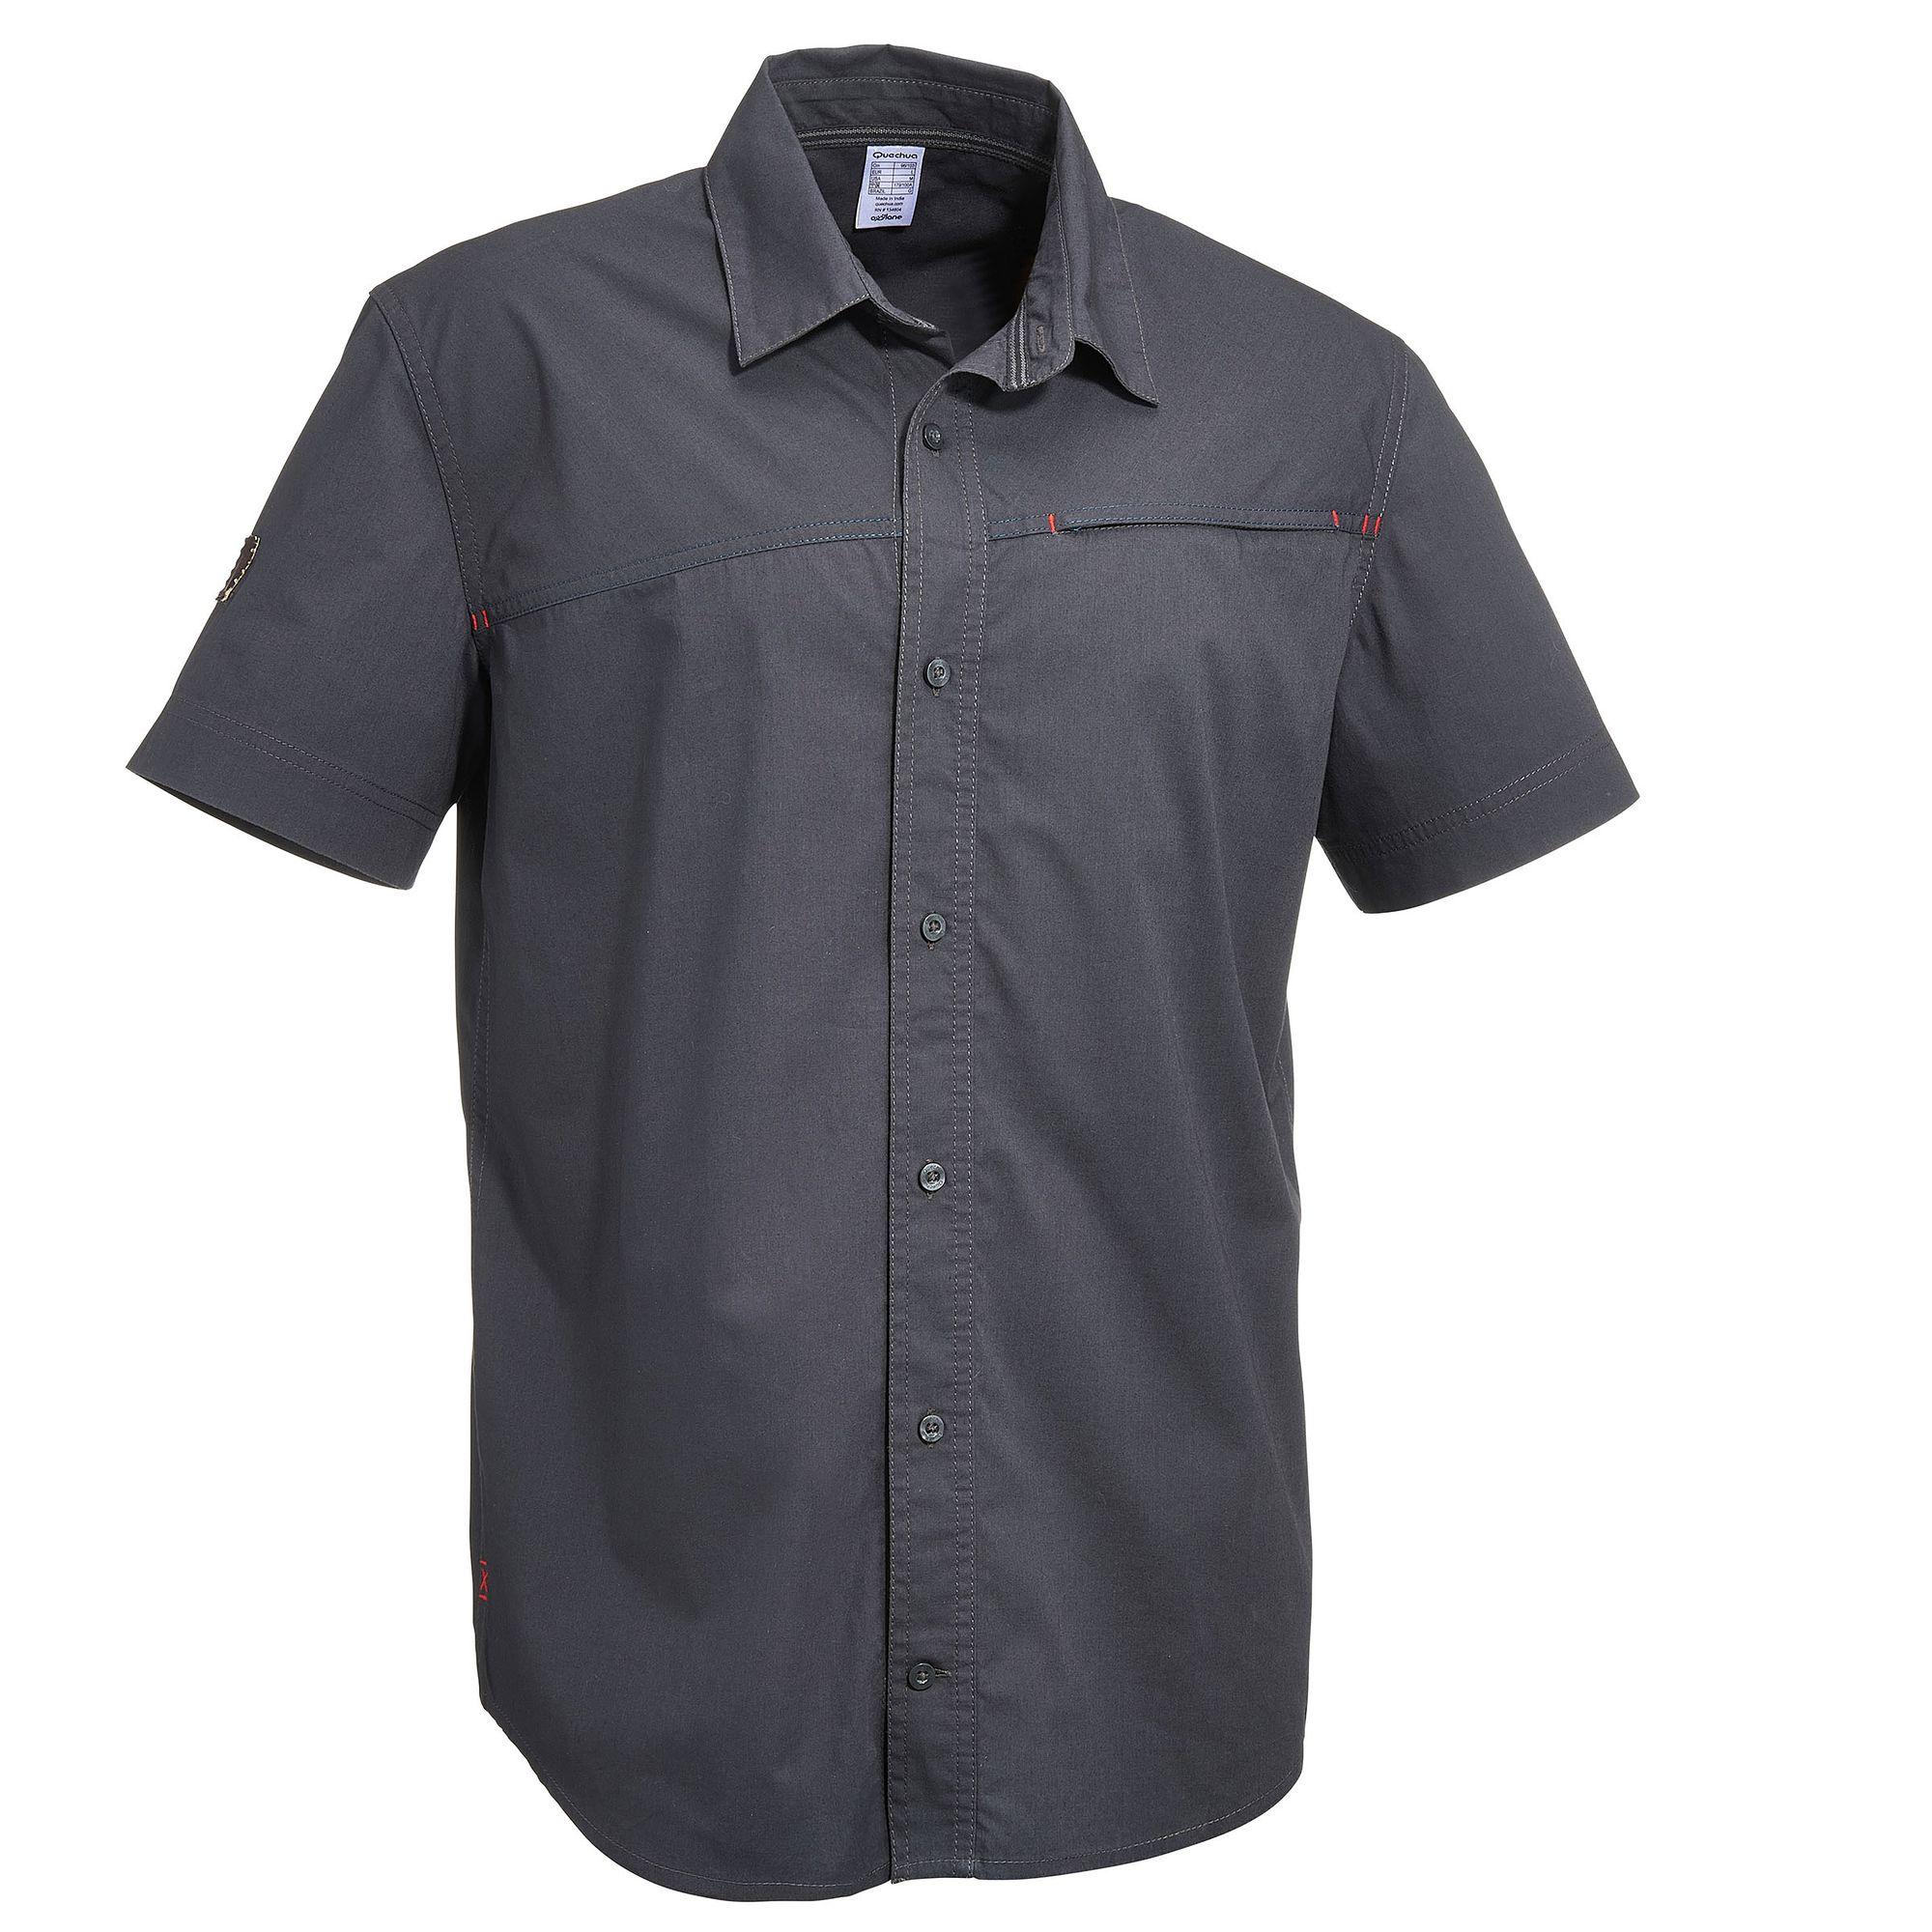 Chemise manches courtes Randonnée Arpenaz 50 homme Gris Foncé